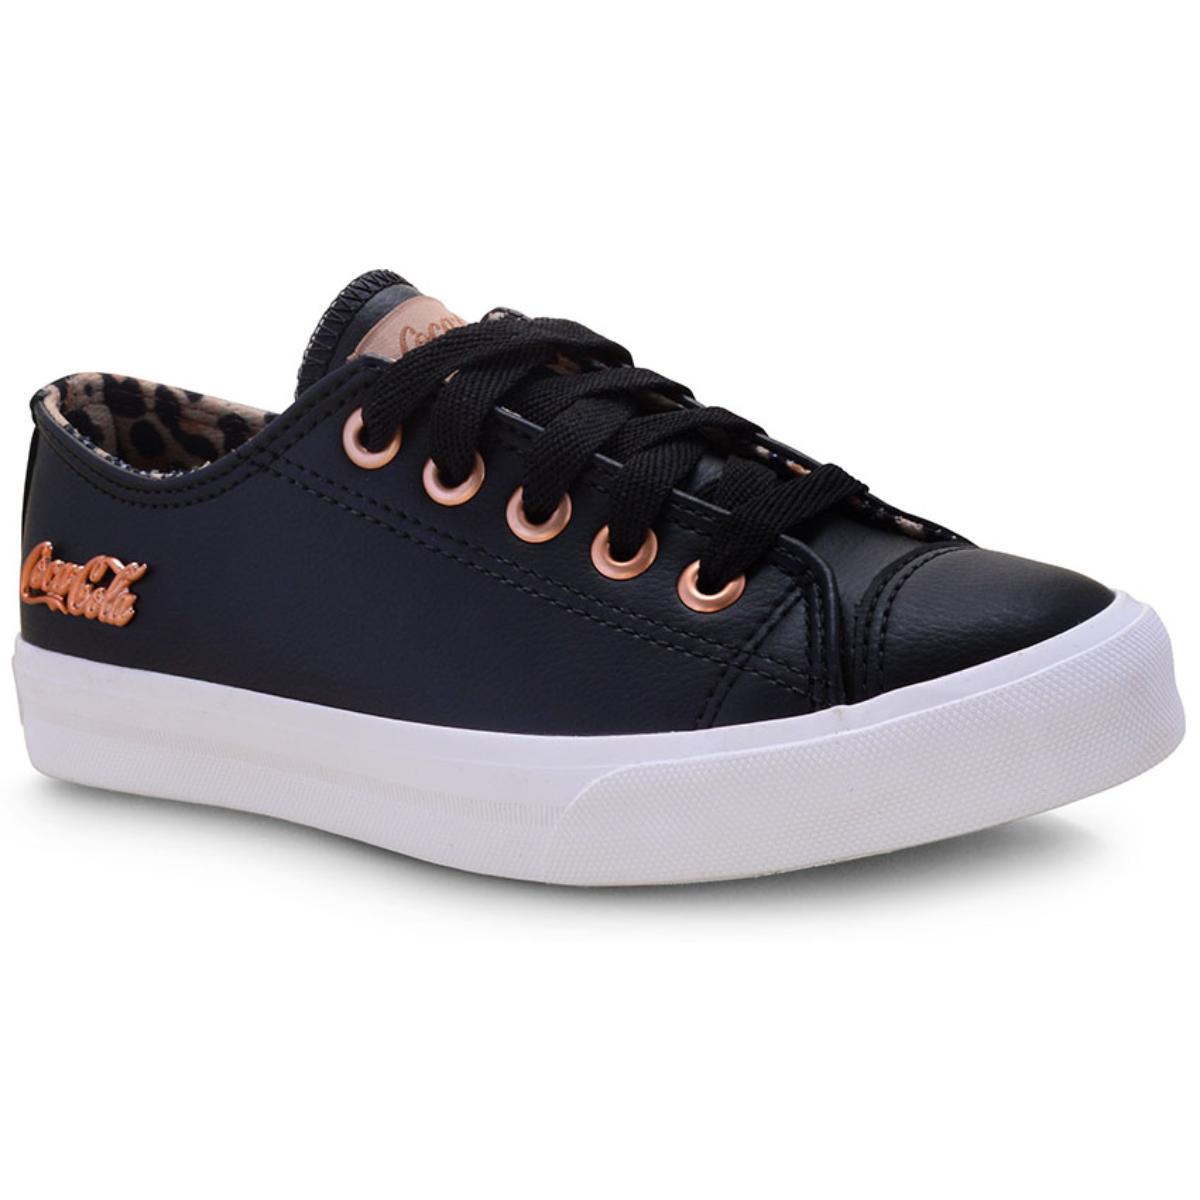 Tênis Feminino Coca-cola Shoes Cc1614 Preto/caramelo